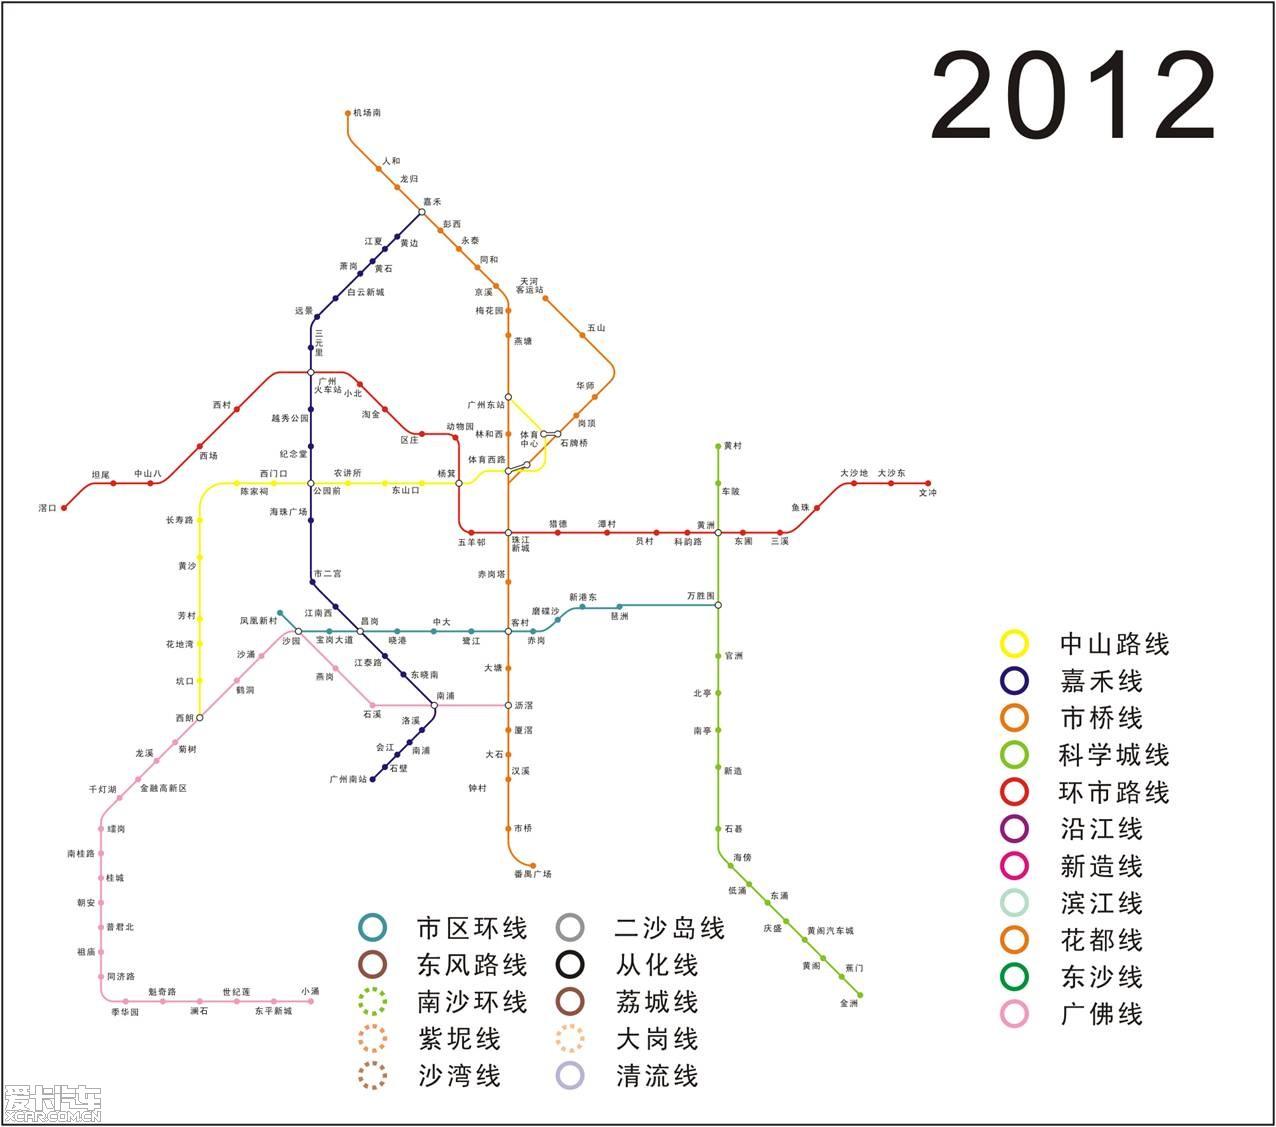 广州14号线地铁线路图-LANM的相片图片